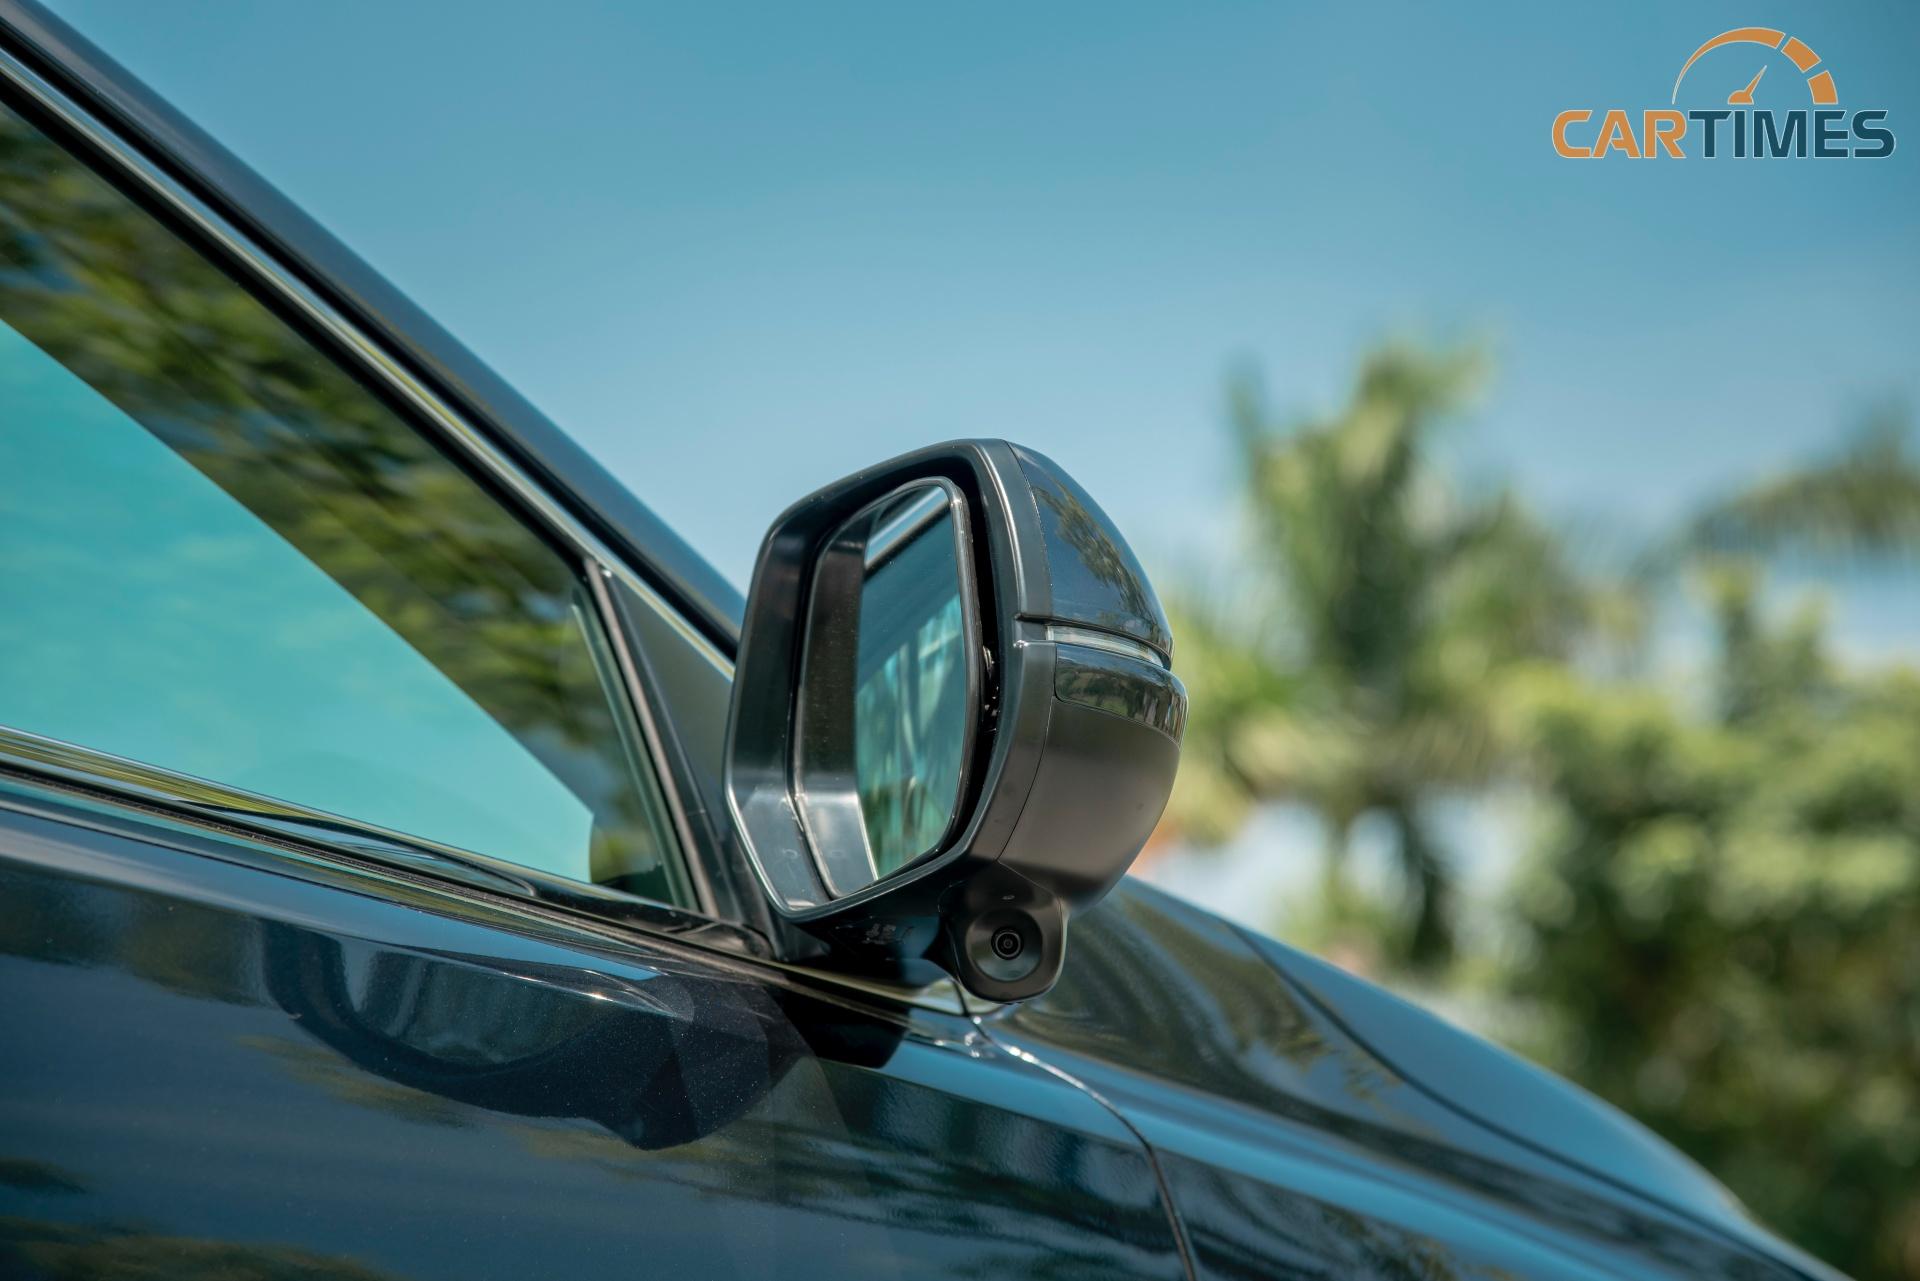 Tìm hiểu công nghệ Honda Sensing trên mẫu xe CR-V 2020 vừa ra mắt thị trường Việt Nam                                            -2